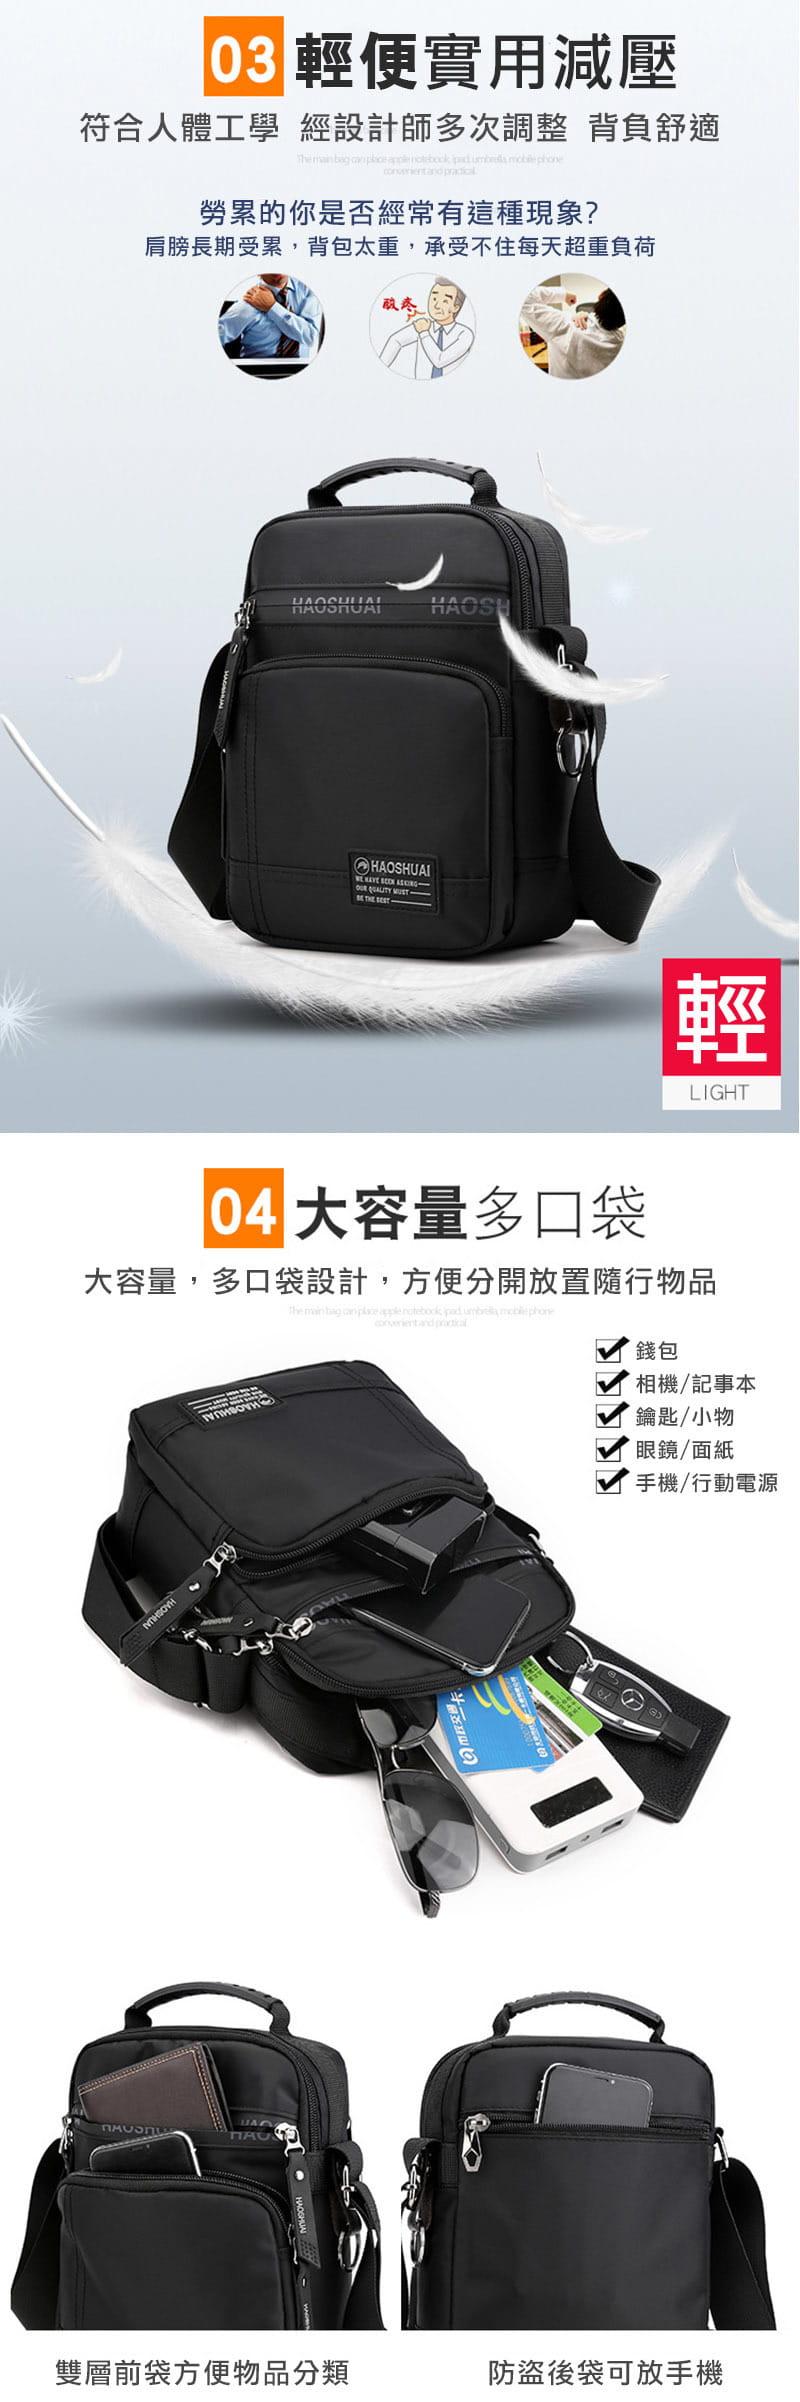 HAOSHUAI【休閒手提斜跨兩用包】(黑色)肩背包 斜背包 單肩包 手提包 1300# 6